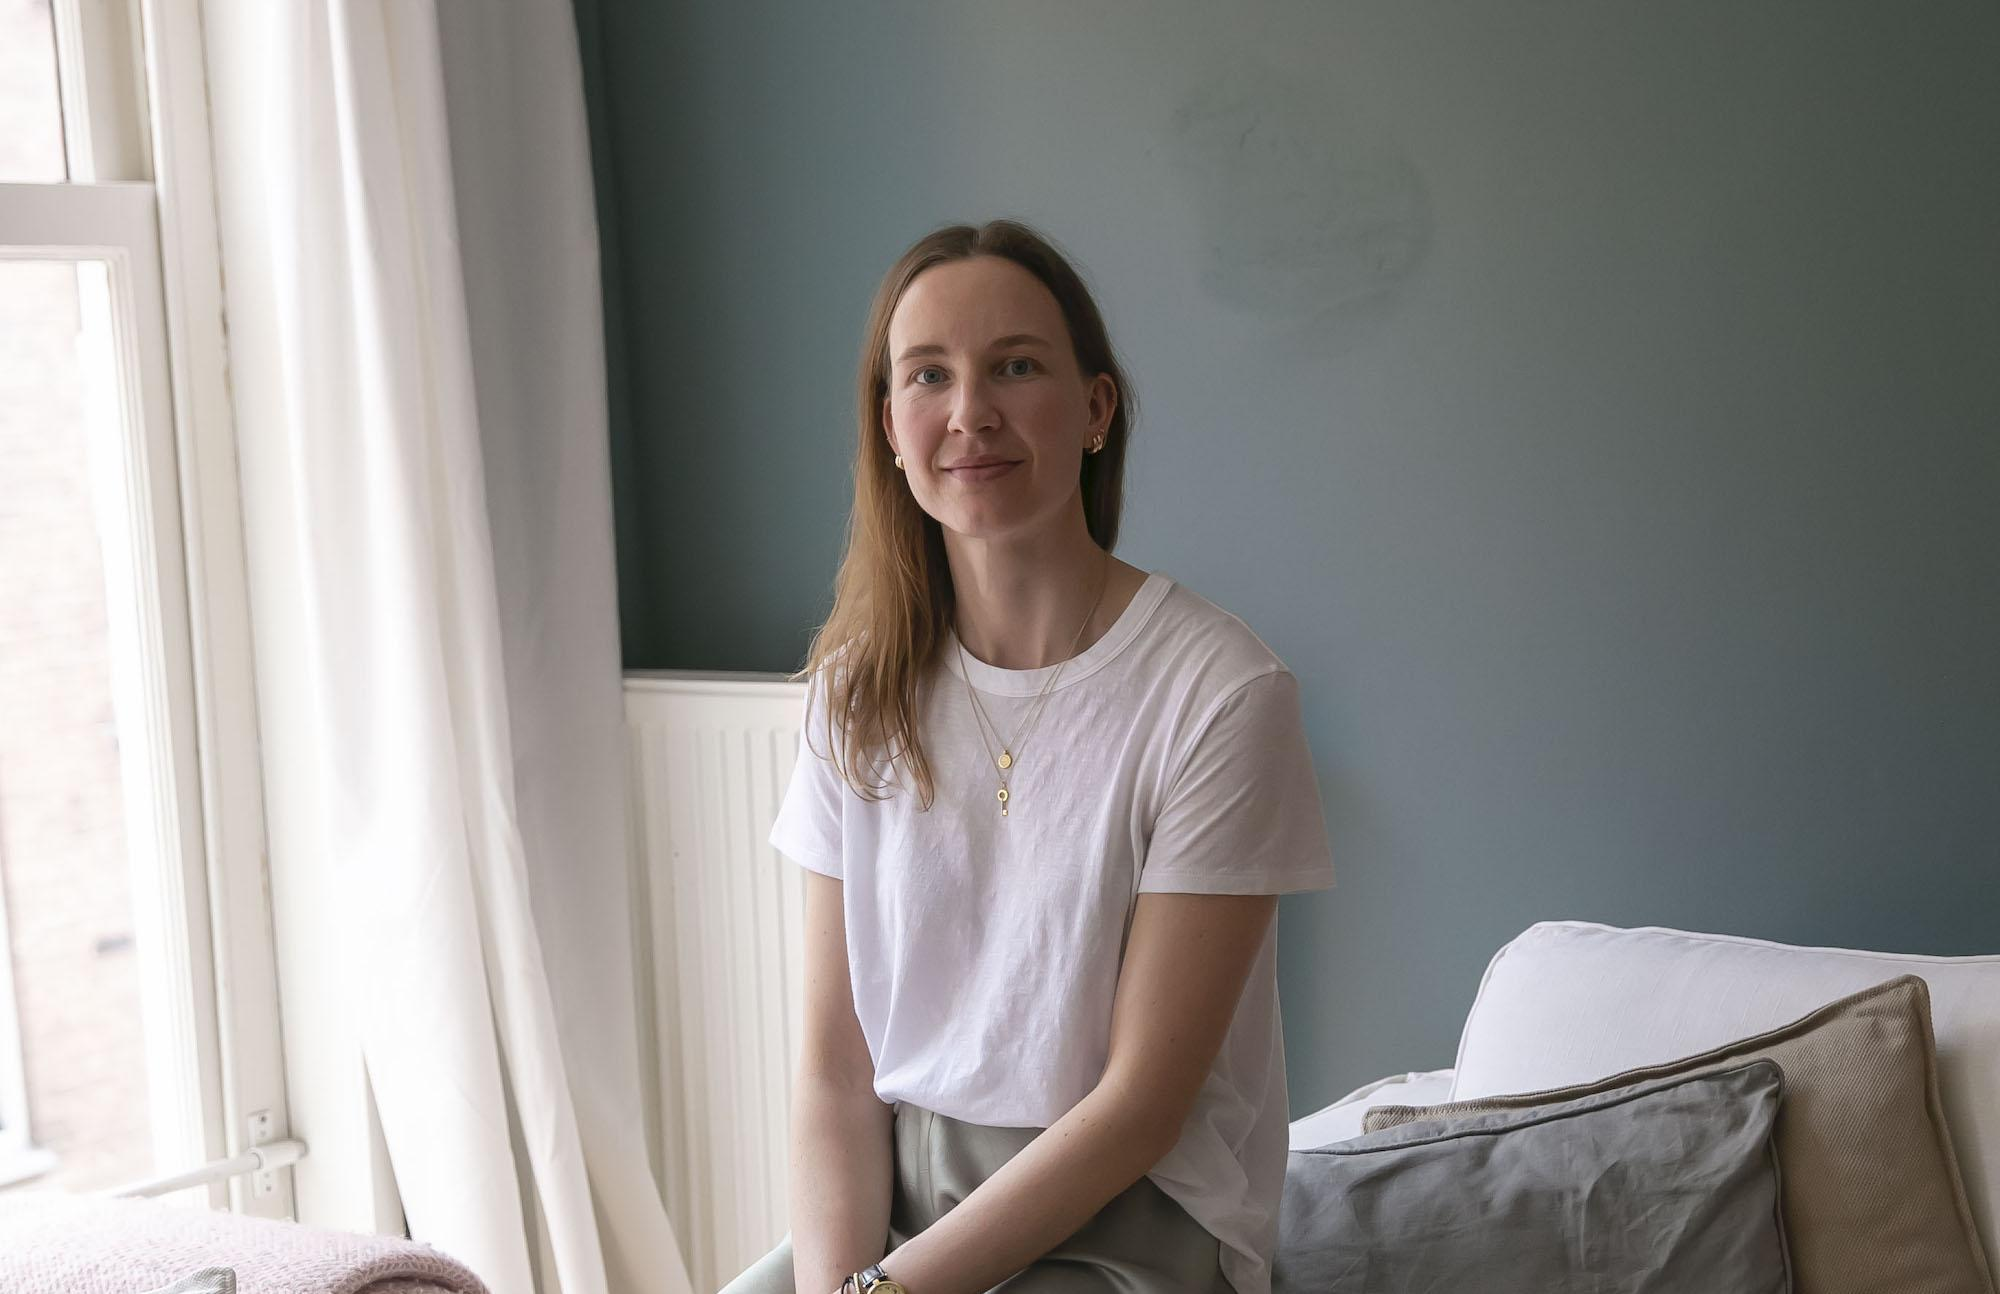 Kathelijn Hulshof, schrijfster boek 'Gevalletje borderline': 'Ik rende alleen maar weg van iedereen'